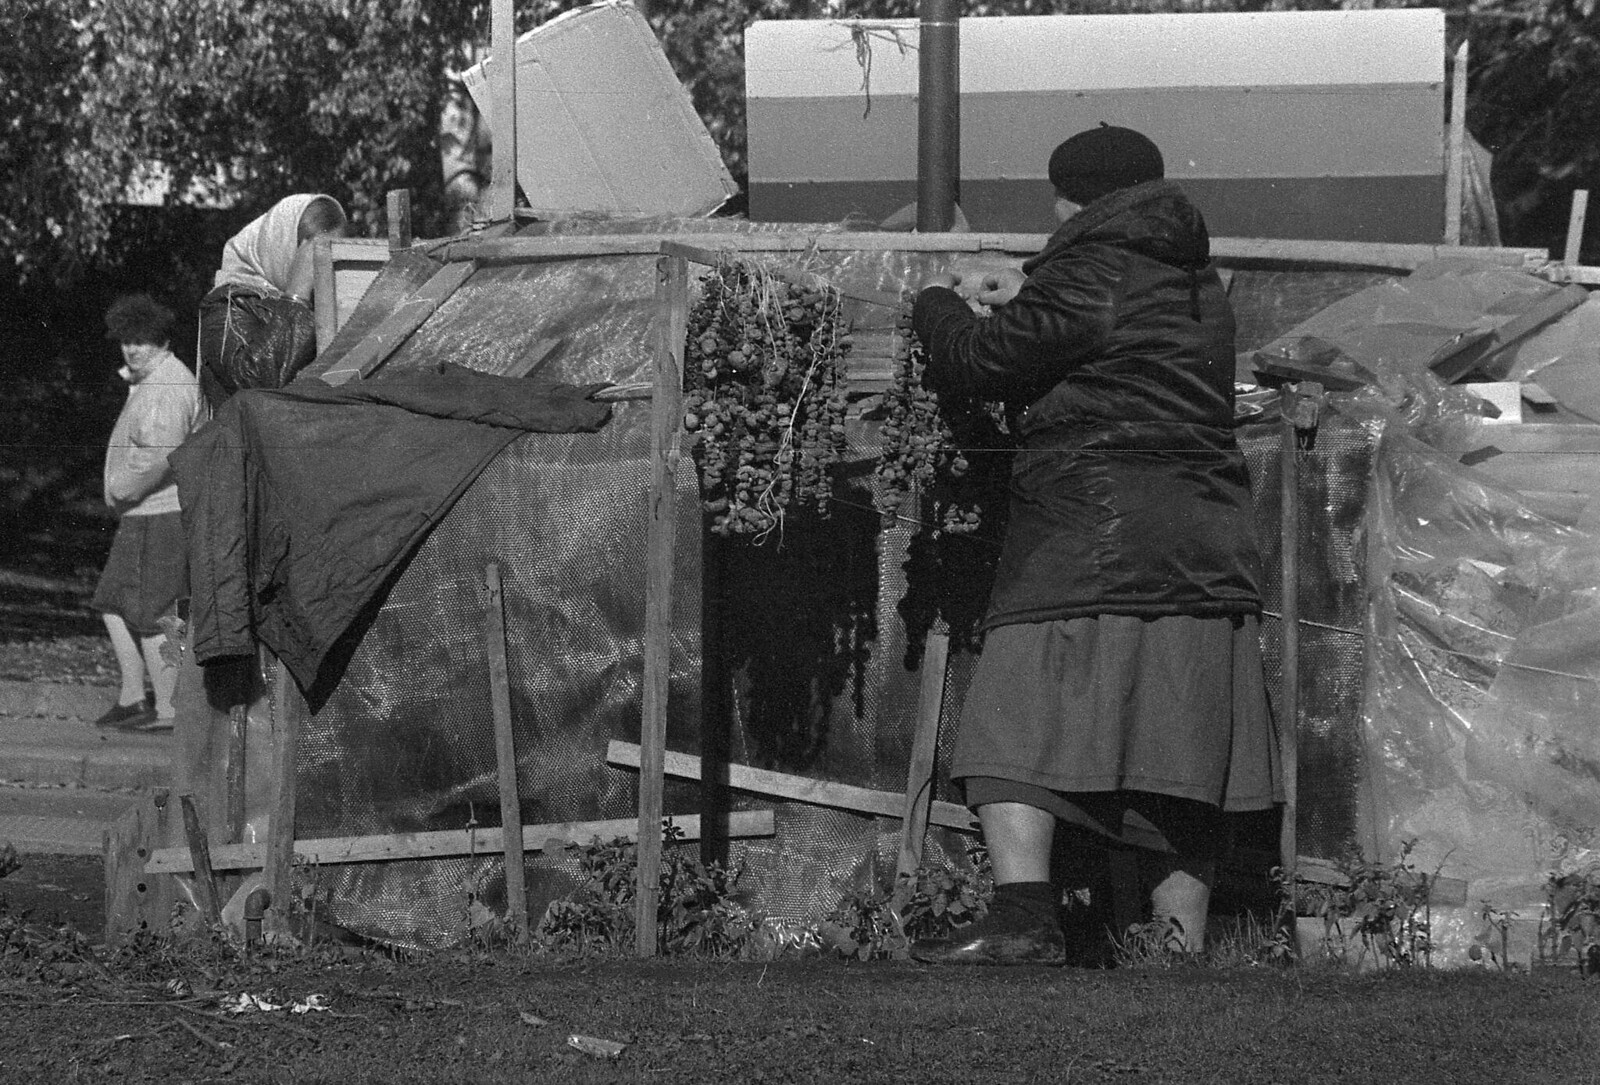 1989. Васильевский спуск, Палаточный городок (4)